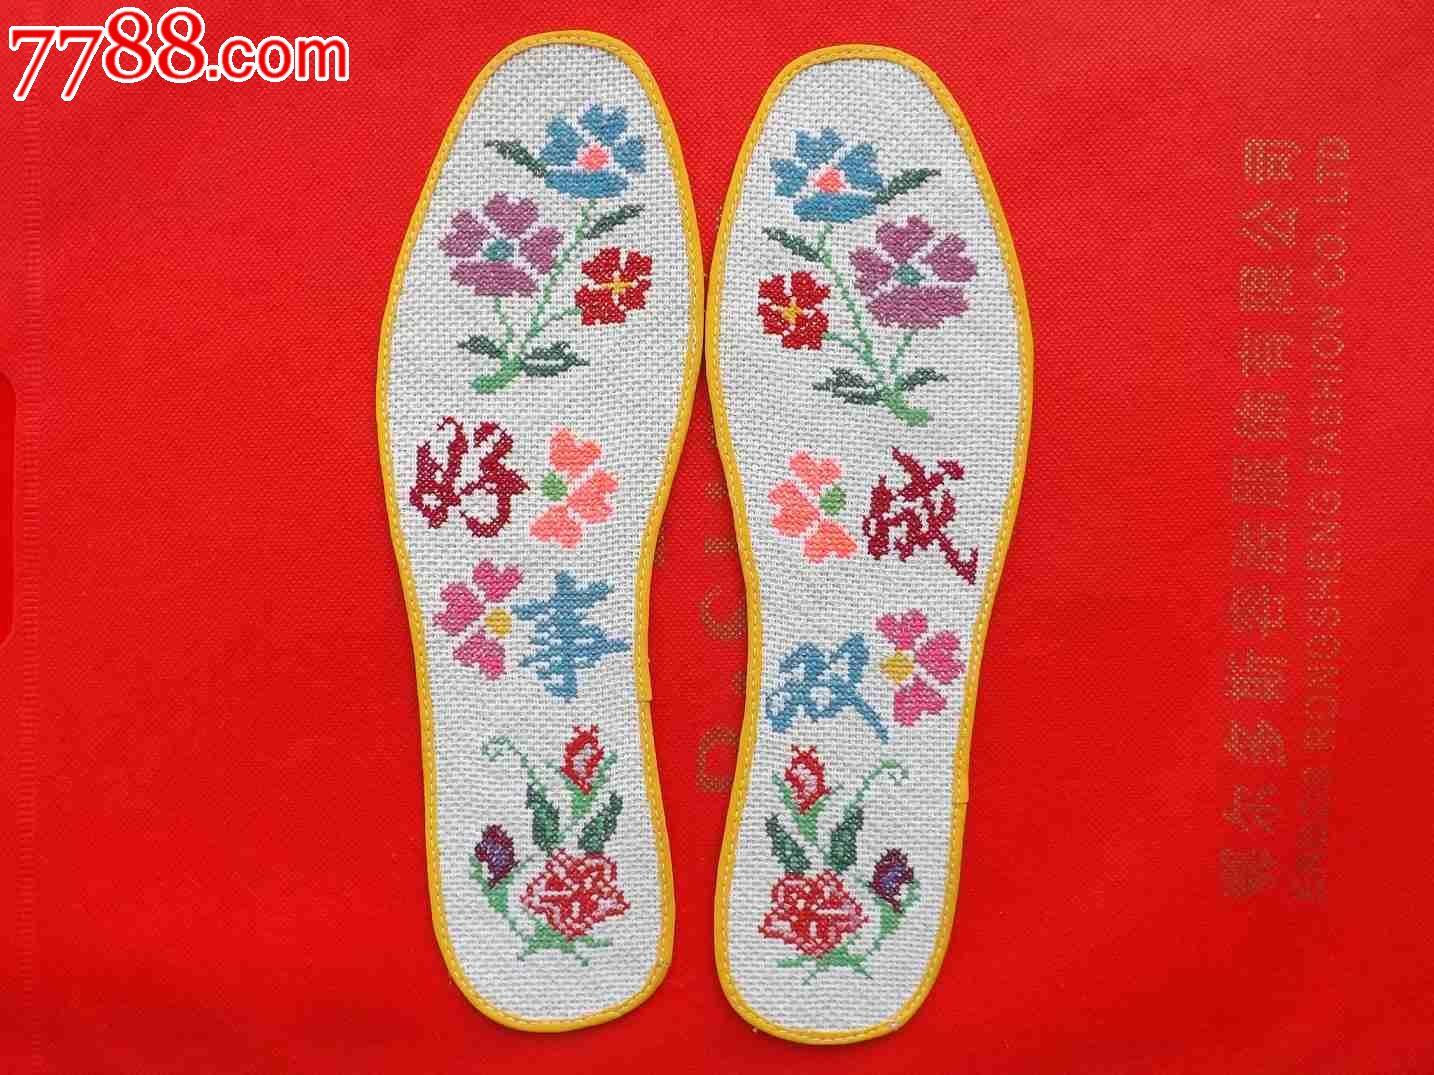 纯棉布绣花鞋垫,是由多层棉布加层、粘贴、剪样、定型,再由一针一线,纯手工功夫,千针万线,绣制而成。每双厚度0.55CM,结实耐穿(35年)。鞋垫穿洗后,不卷曲不走型。纯棉绣花线不起毛、不结疙瘩、不褪色。试售期间不计材料和工时费,每双20元,零利润不议价。(男士:4143码)